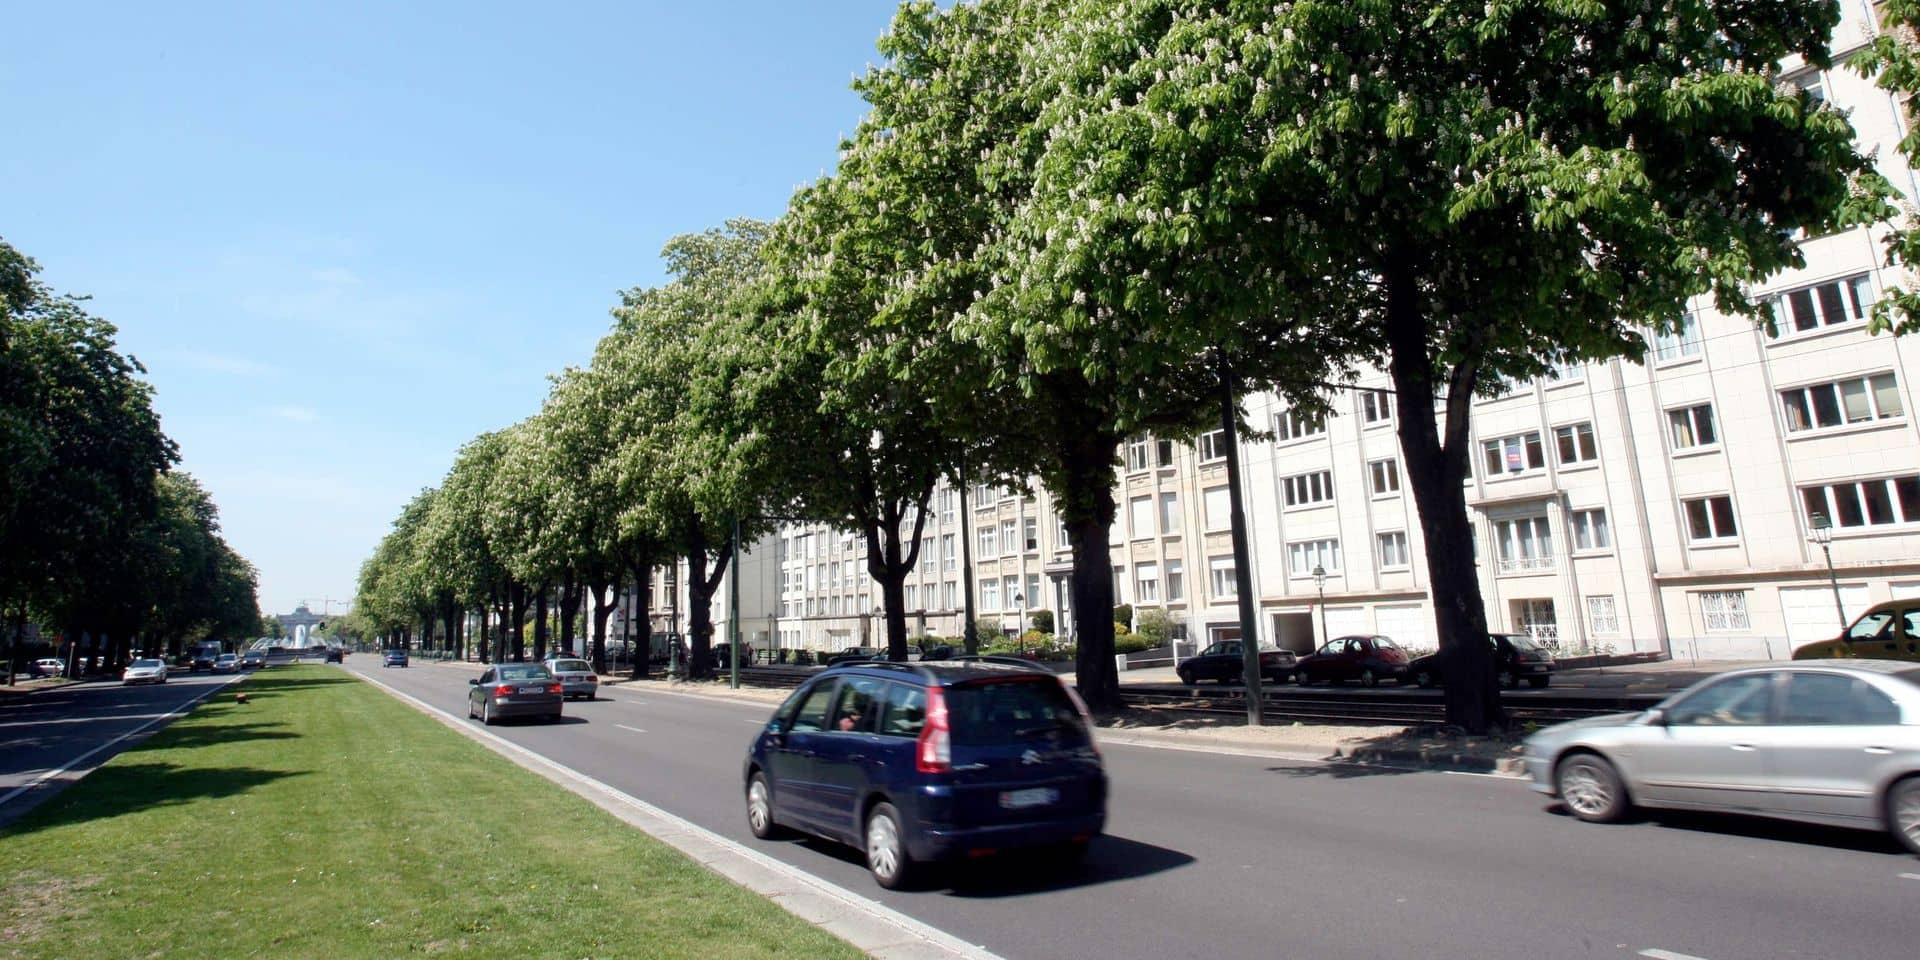 Pistes cyclables sur l'avenue de Tervueren : voici le plan alternatif de Woluwe-Saint-Pierre